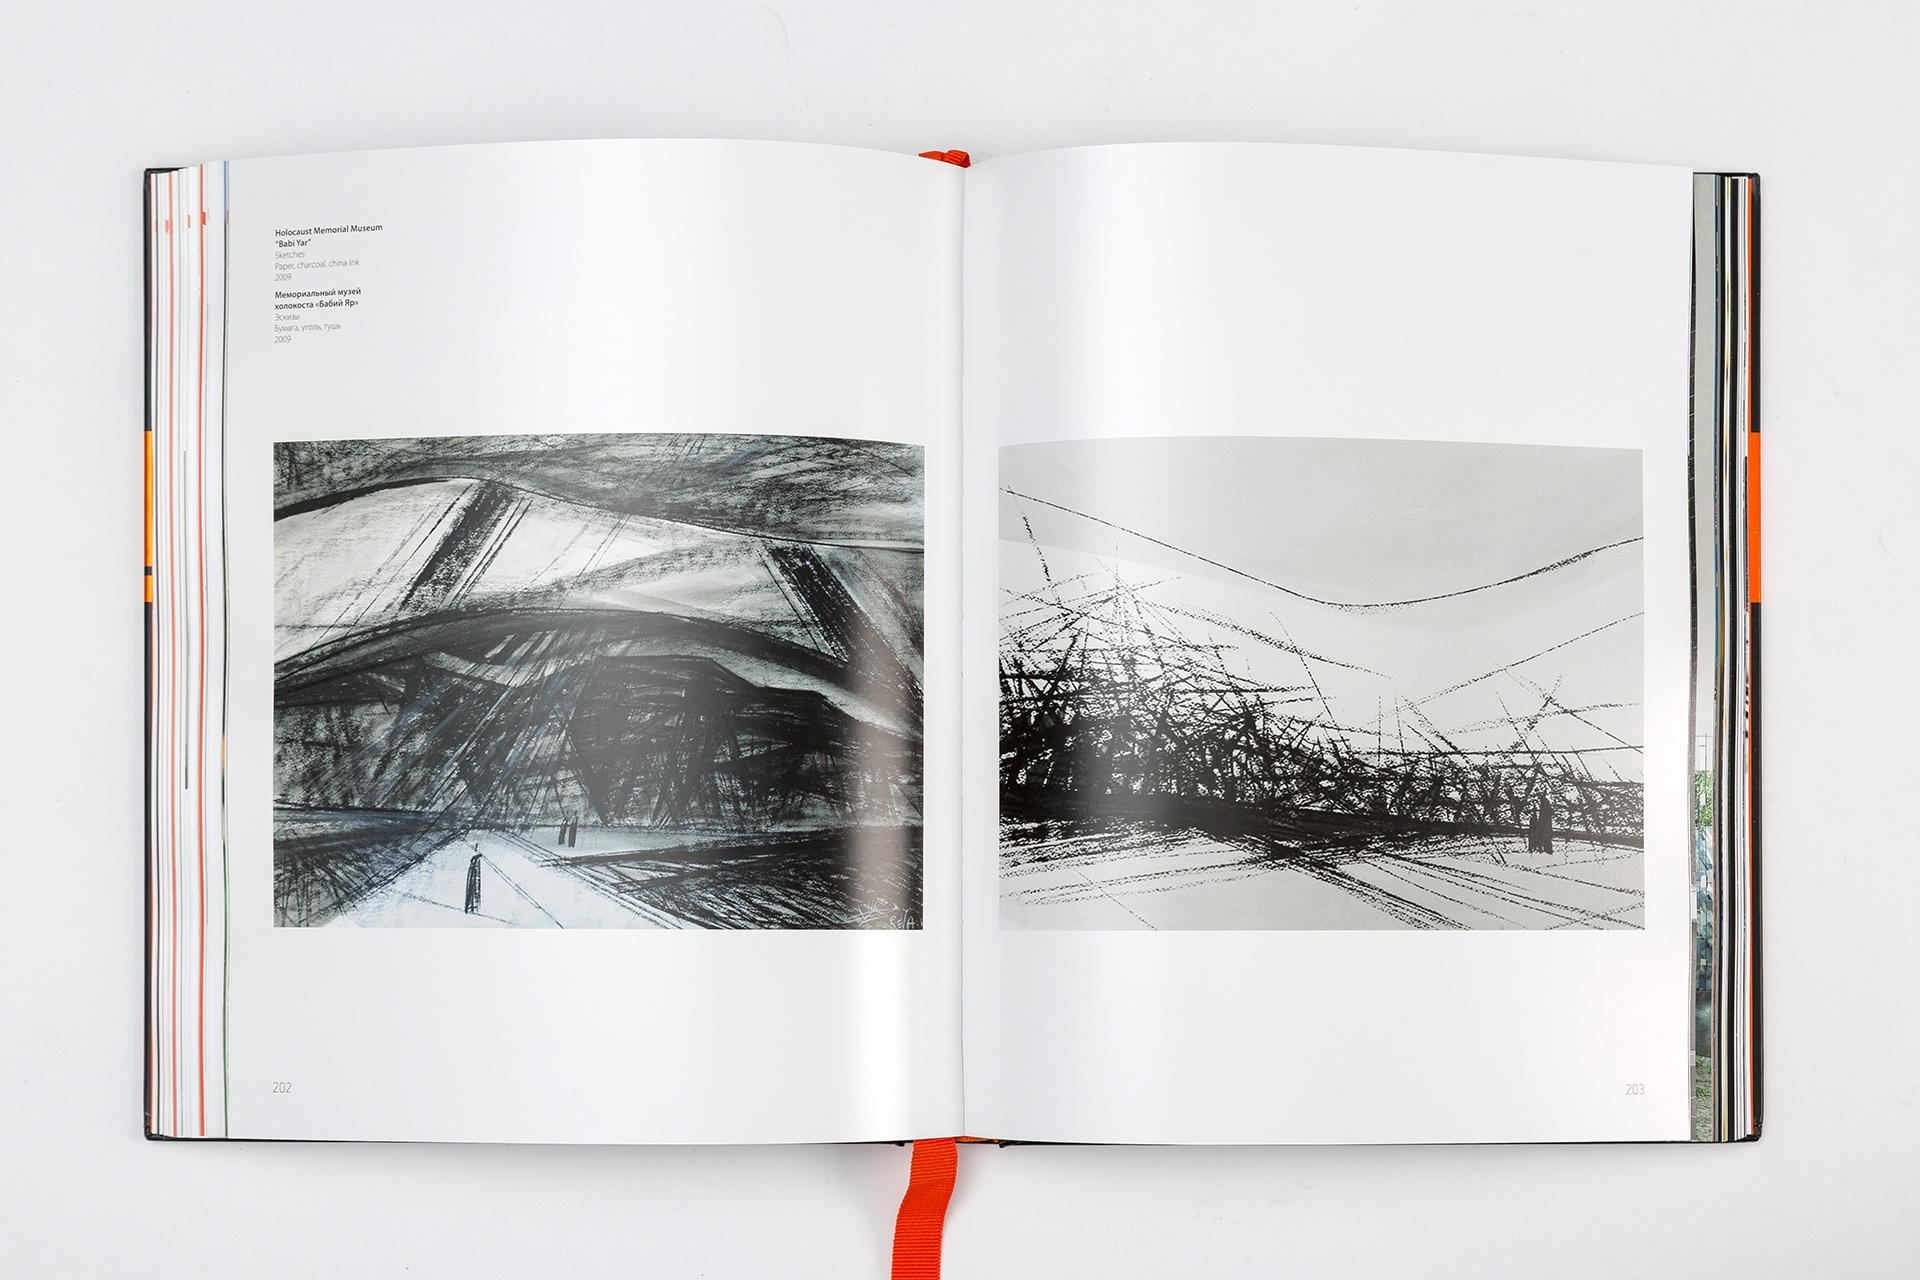 Asgard Branding, юбилейный альбом, дизайн разворота издания, печать, печатные издания, дизайн сетки книги, Михаил Рева